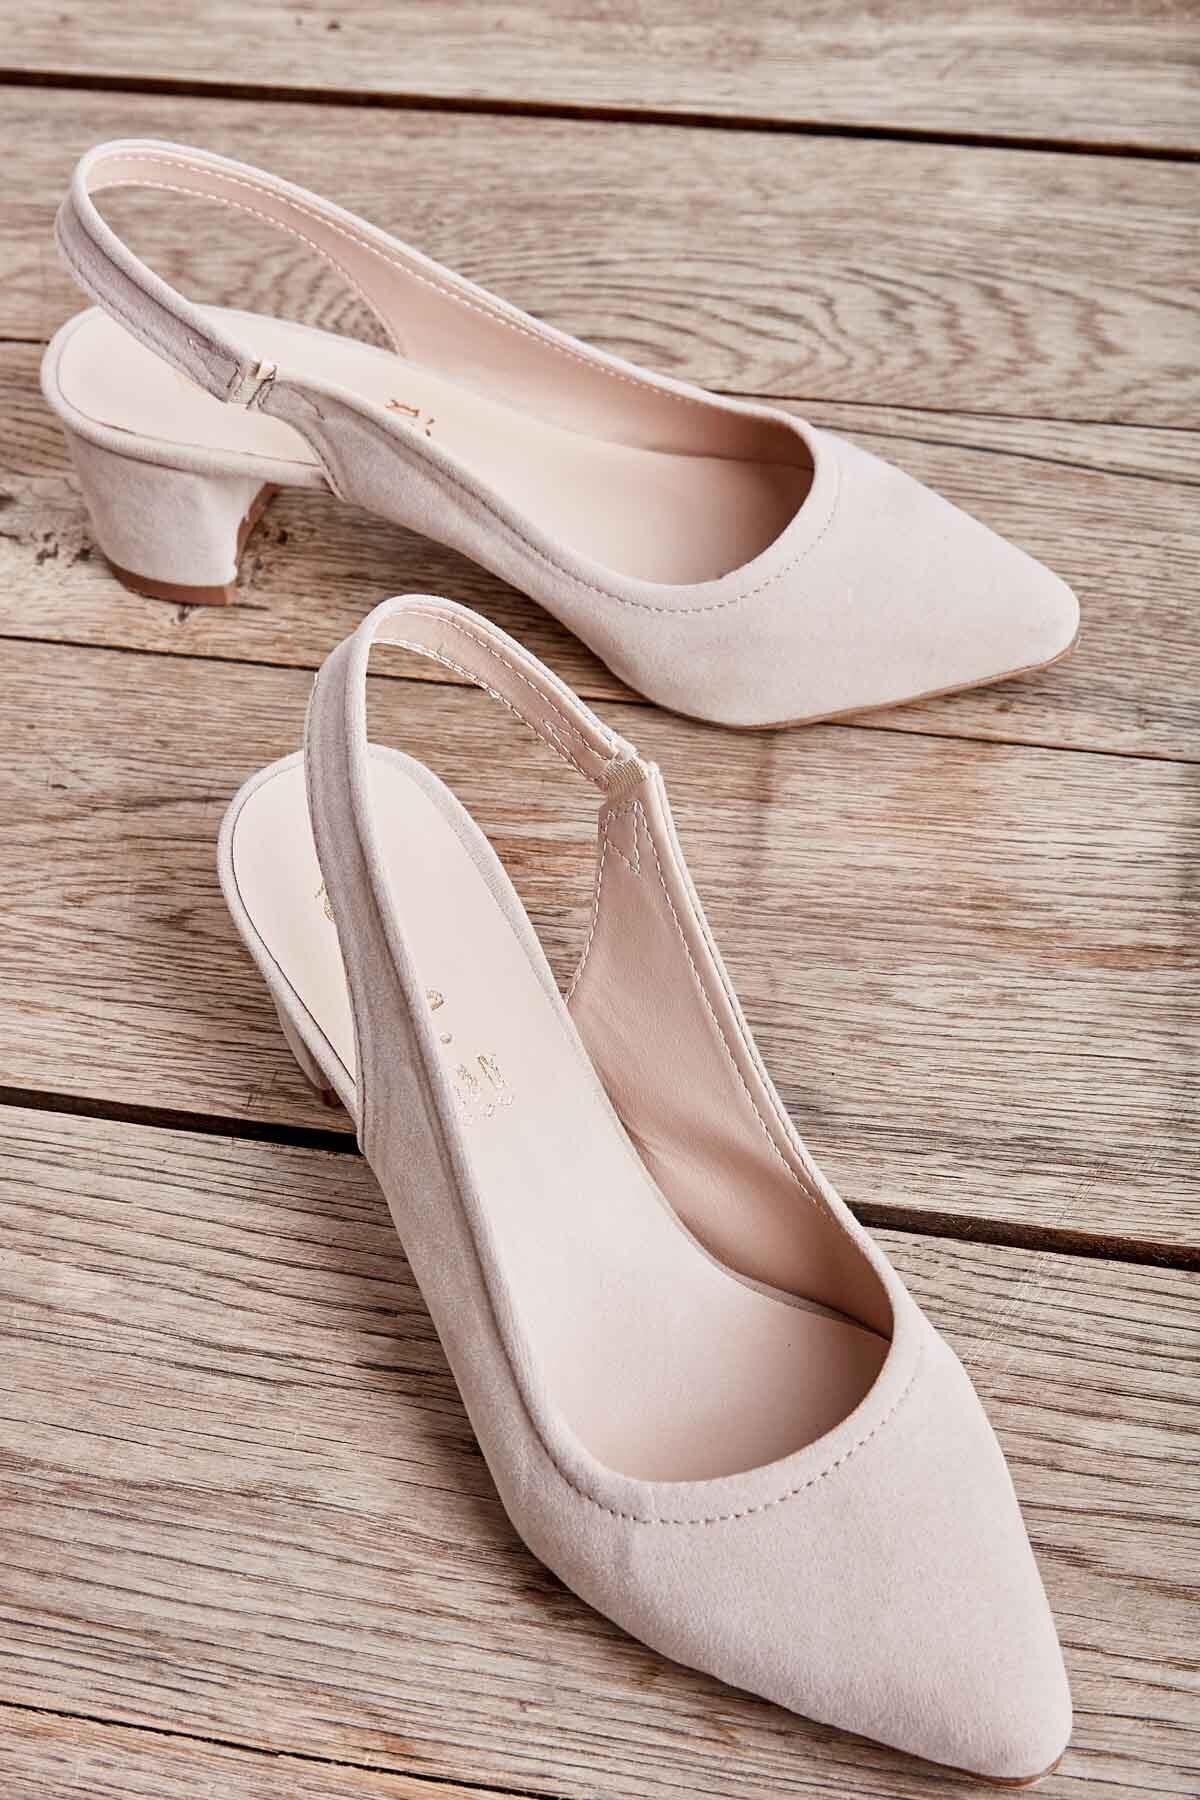 Bej Süet Kadın Klasik Topuklu Ayakkabı K01503721072